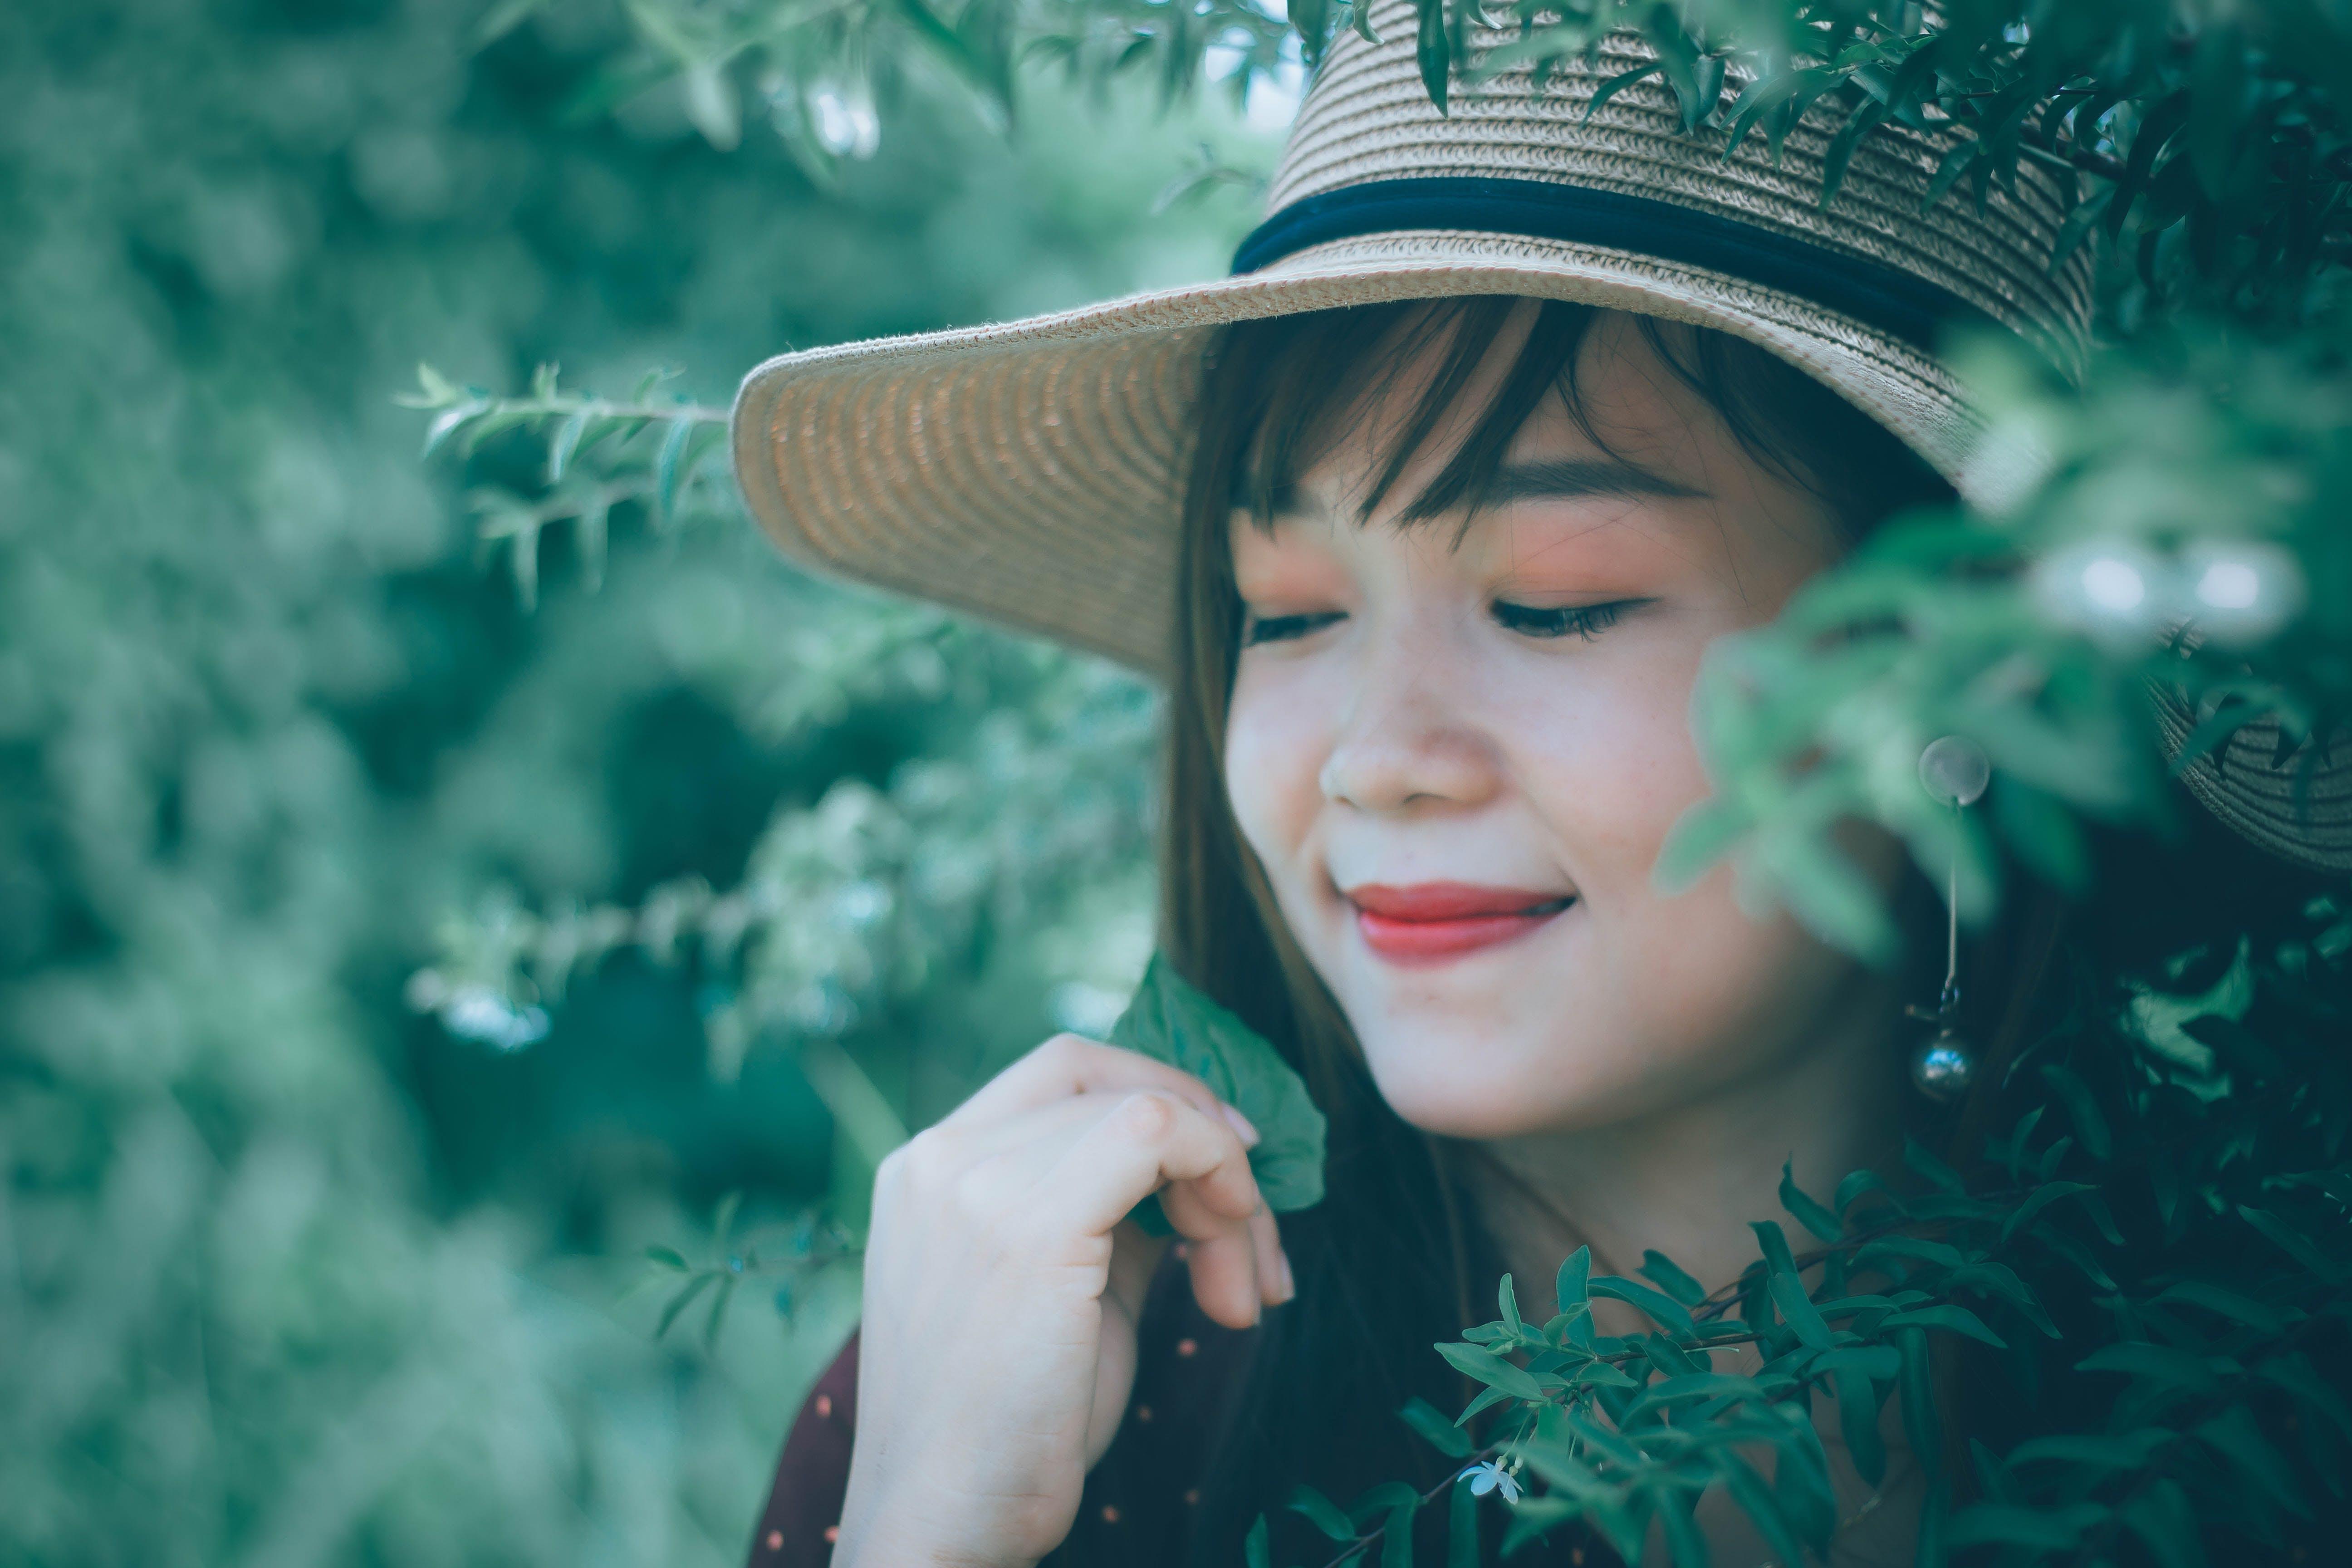 ほほえむ, アジアの女性, アジア人の女の子, スマイルの無料の写真素材